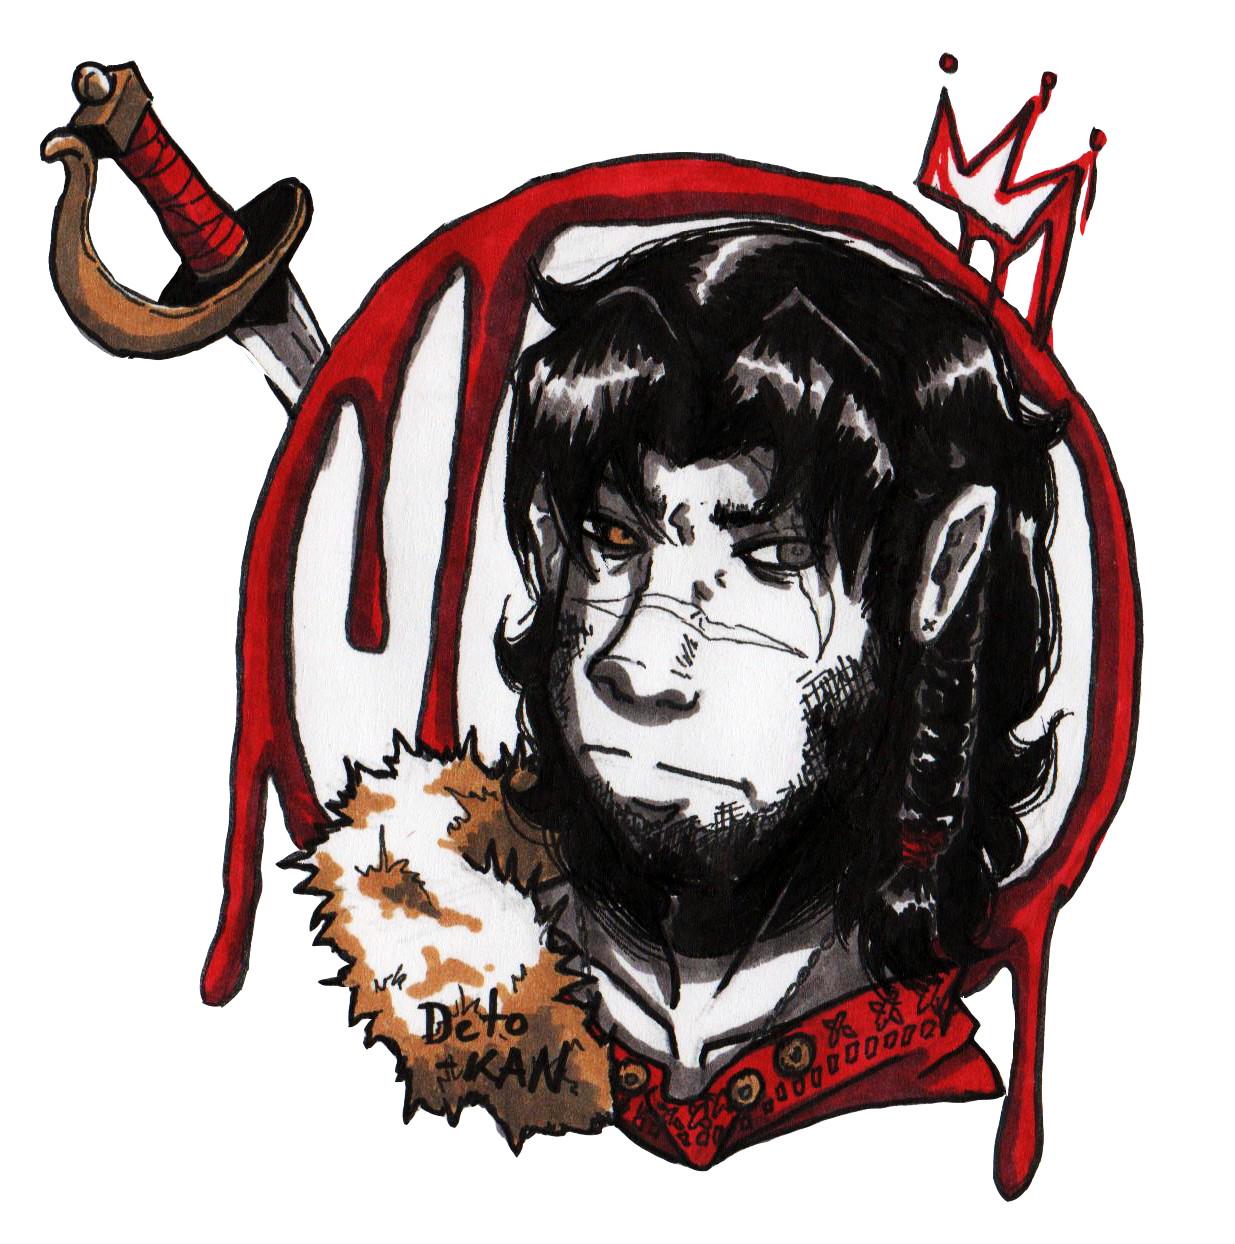 Detonya kan a mercenary turned king